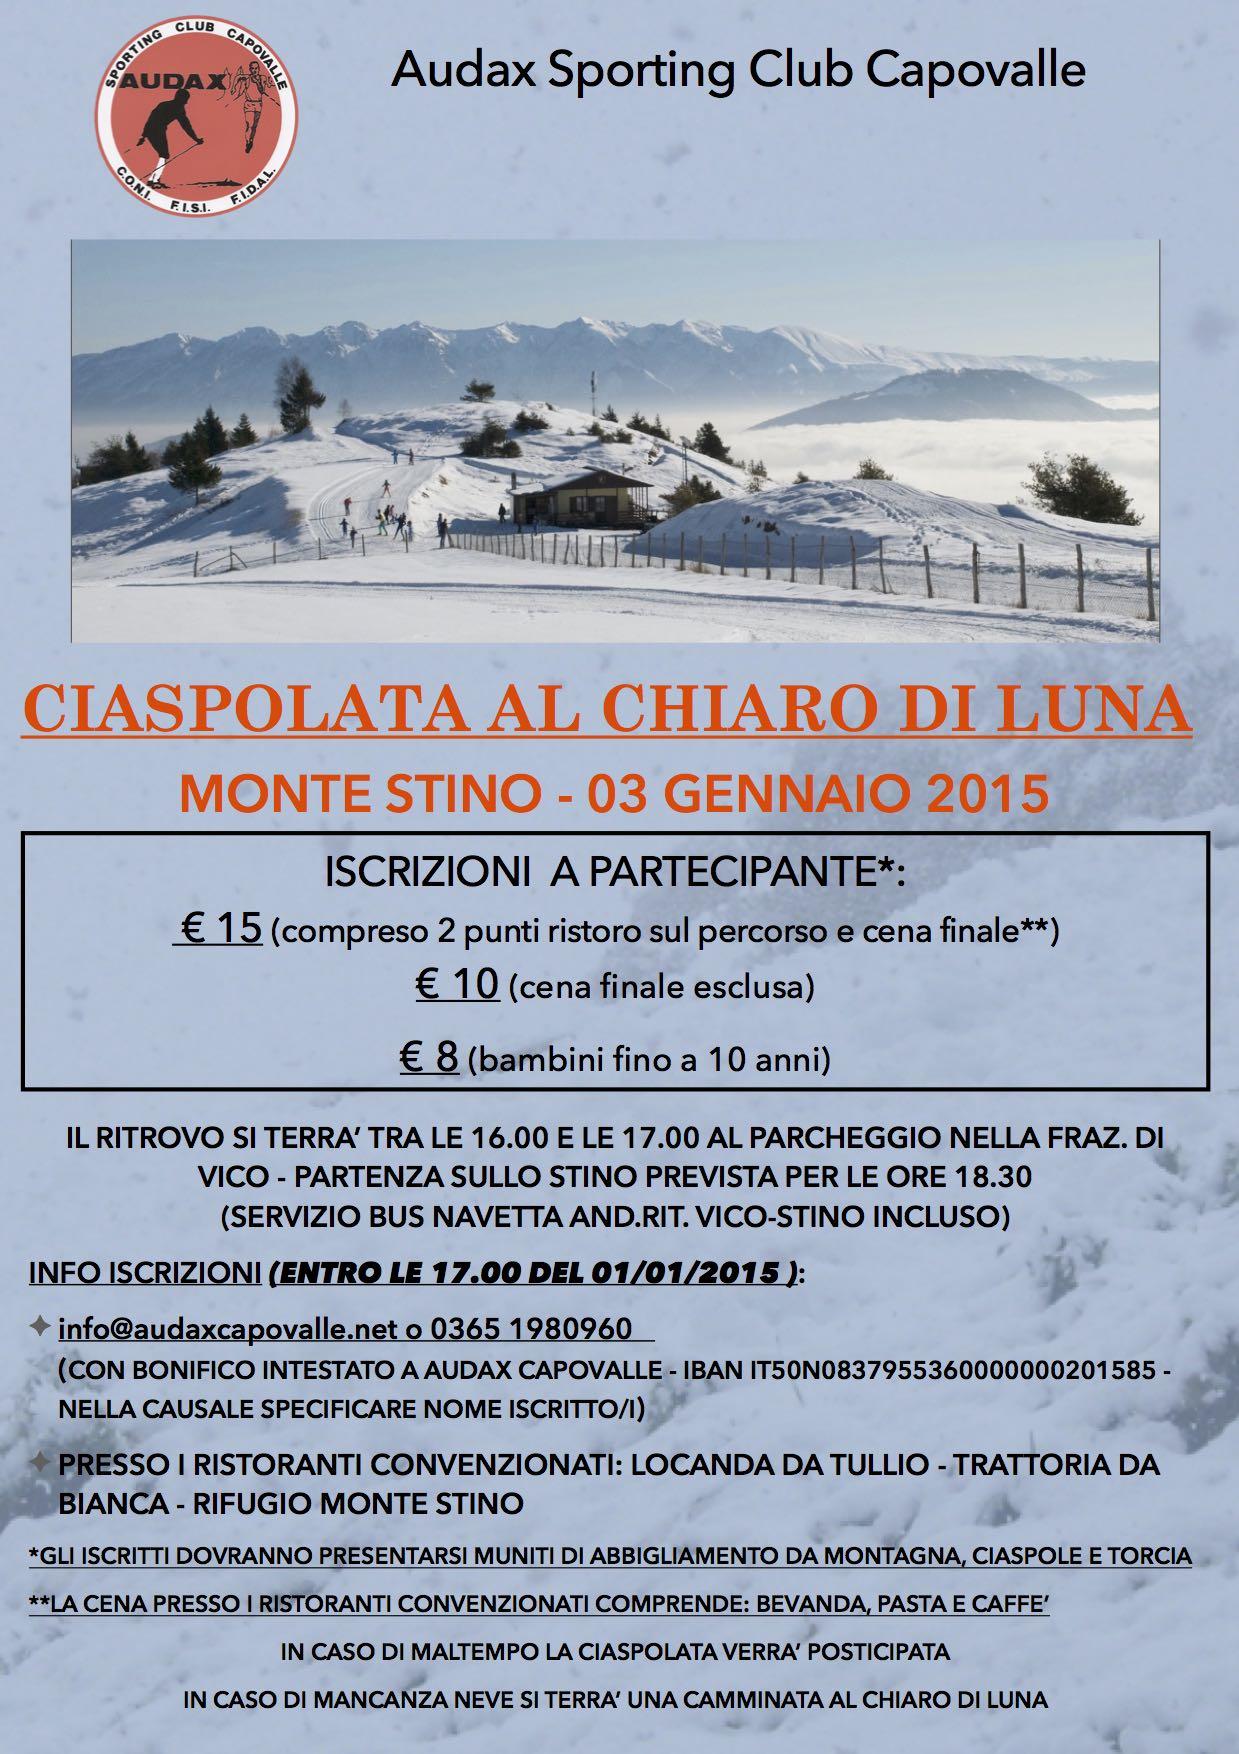 Ciaspolata-Monte-Stino-Capovalle